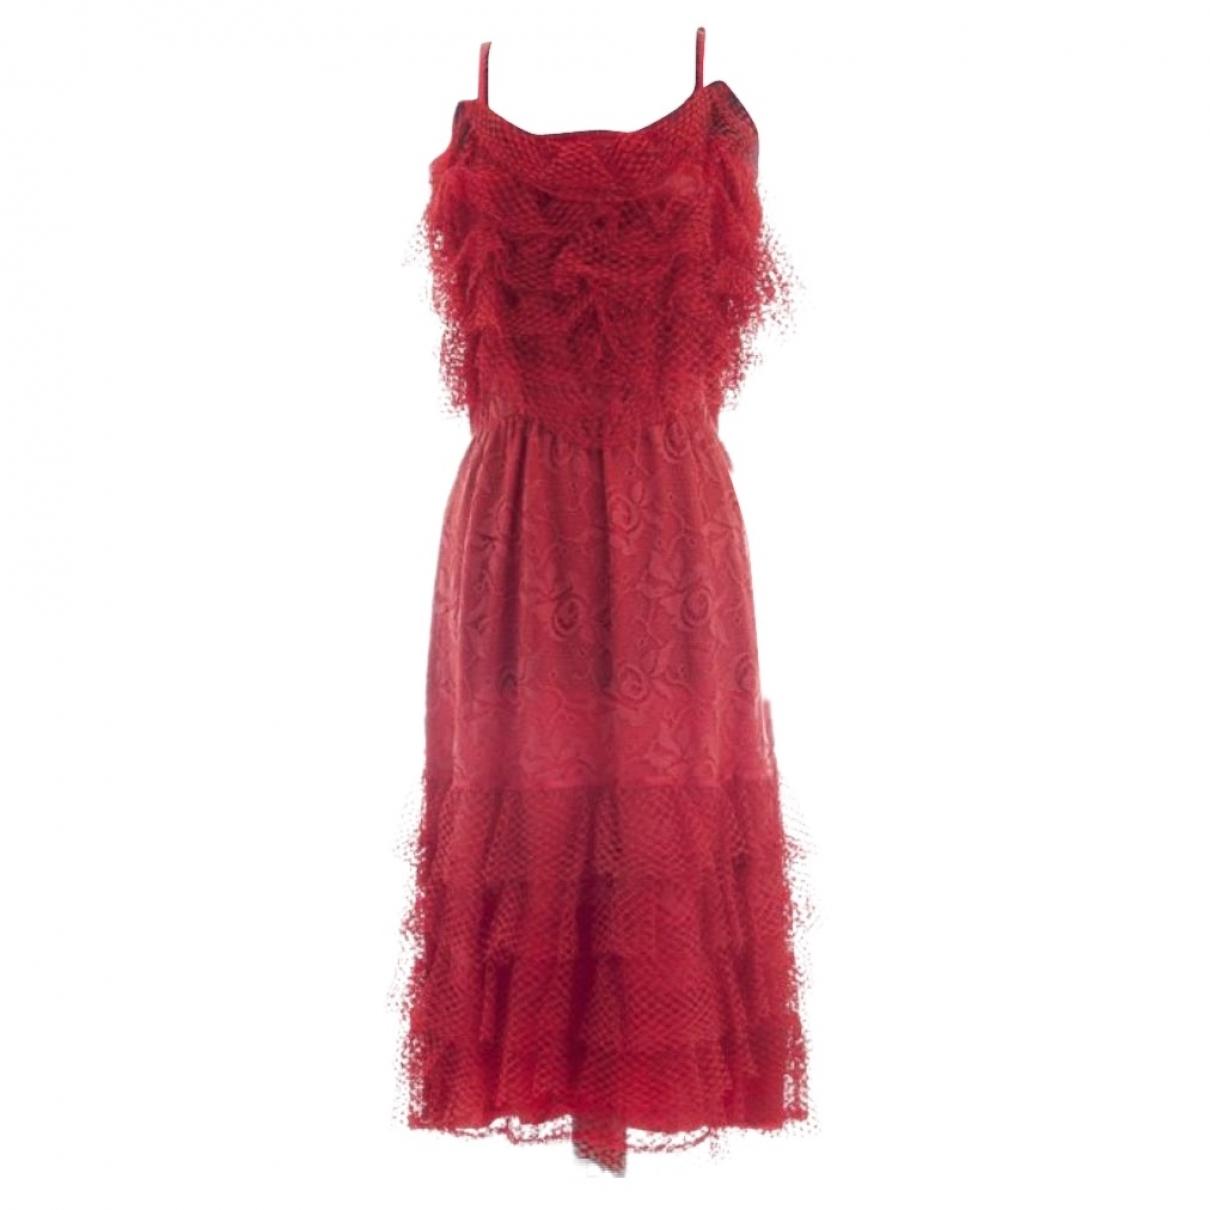 Chloe \N Kleid in  Rot Viskose